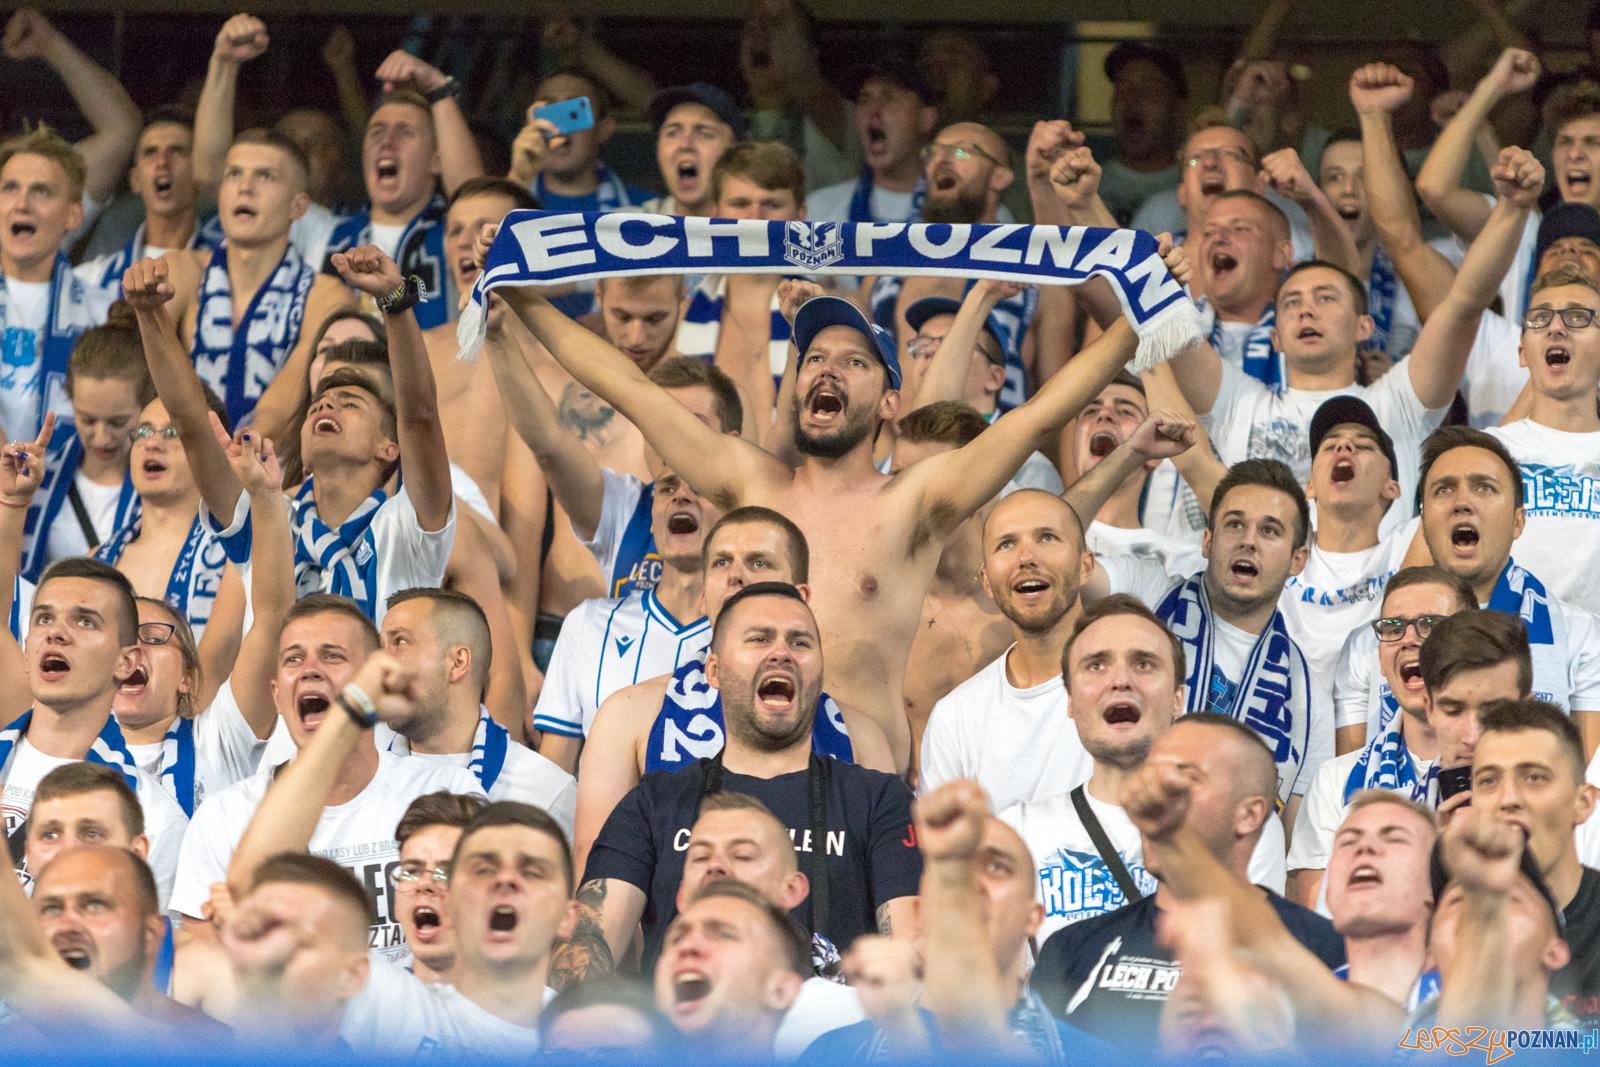 Lech Poznań - Wisła Płock (najlepsi kibice na świecie)  Foto: lepszyPOZNAN.pl/Piotr Rychter